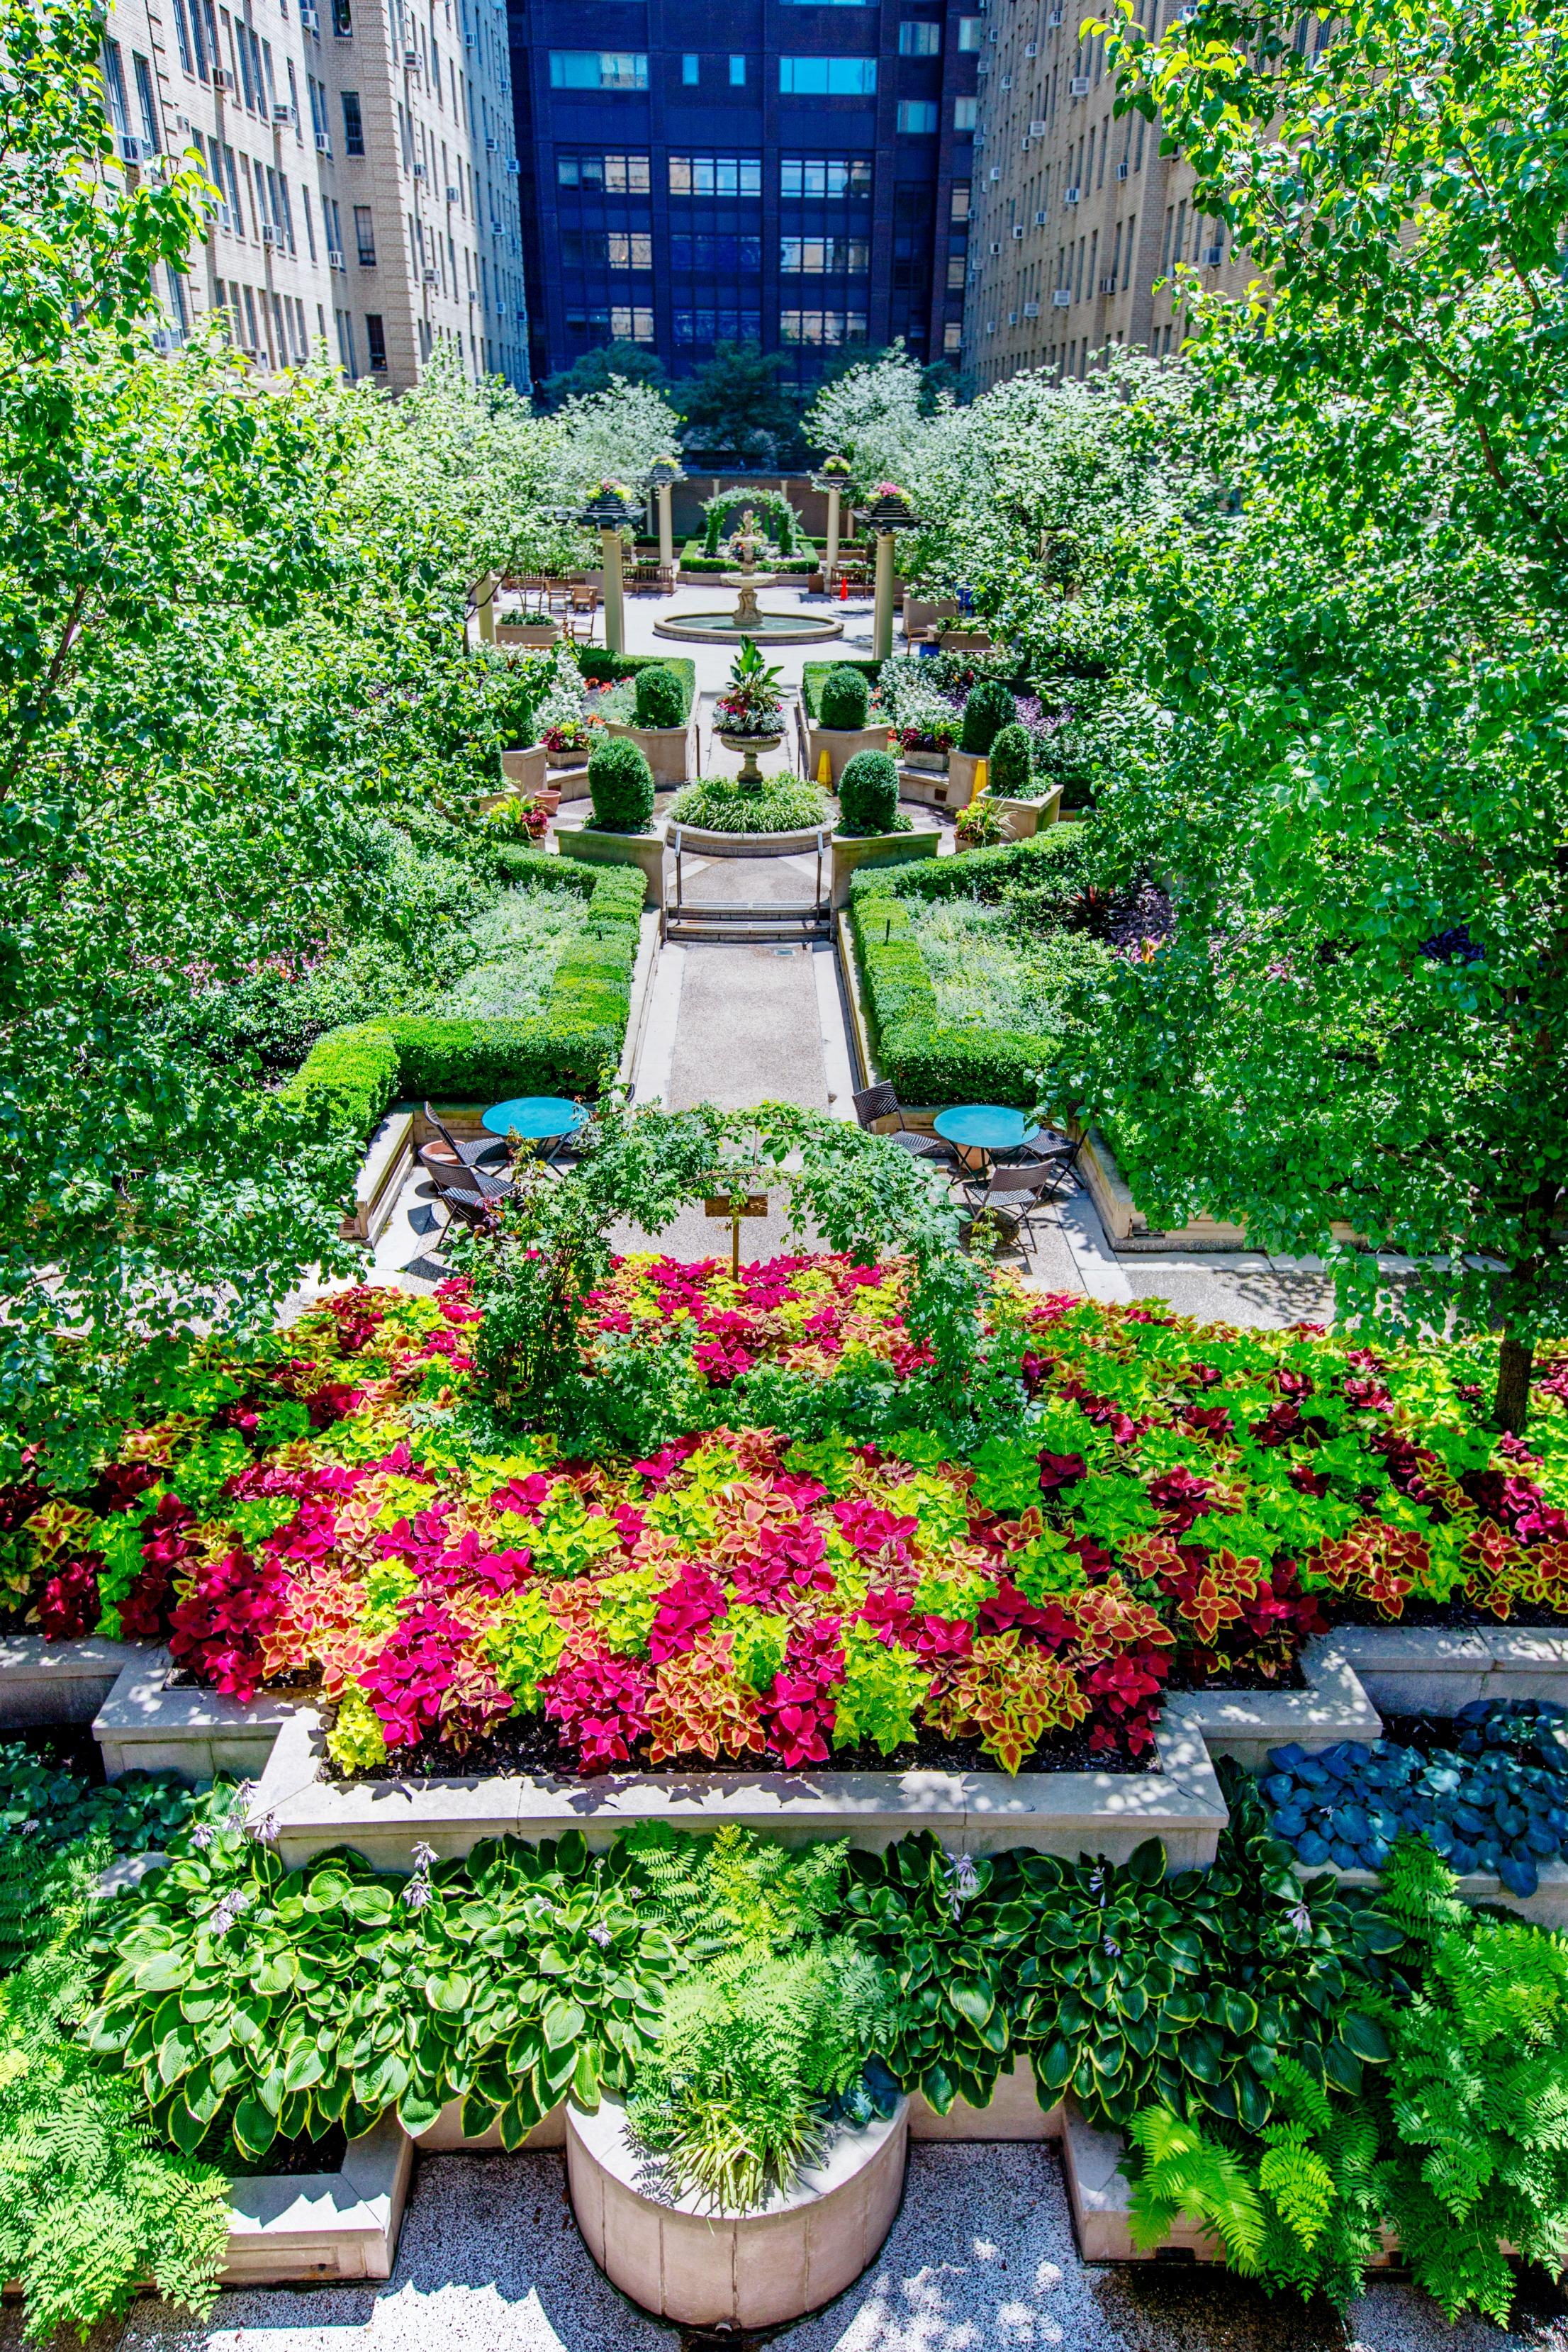 NYC garden landscape